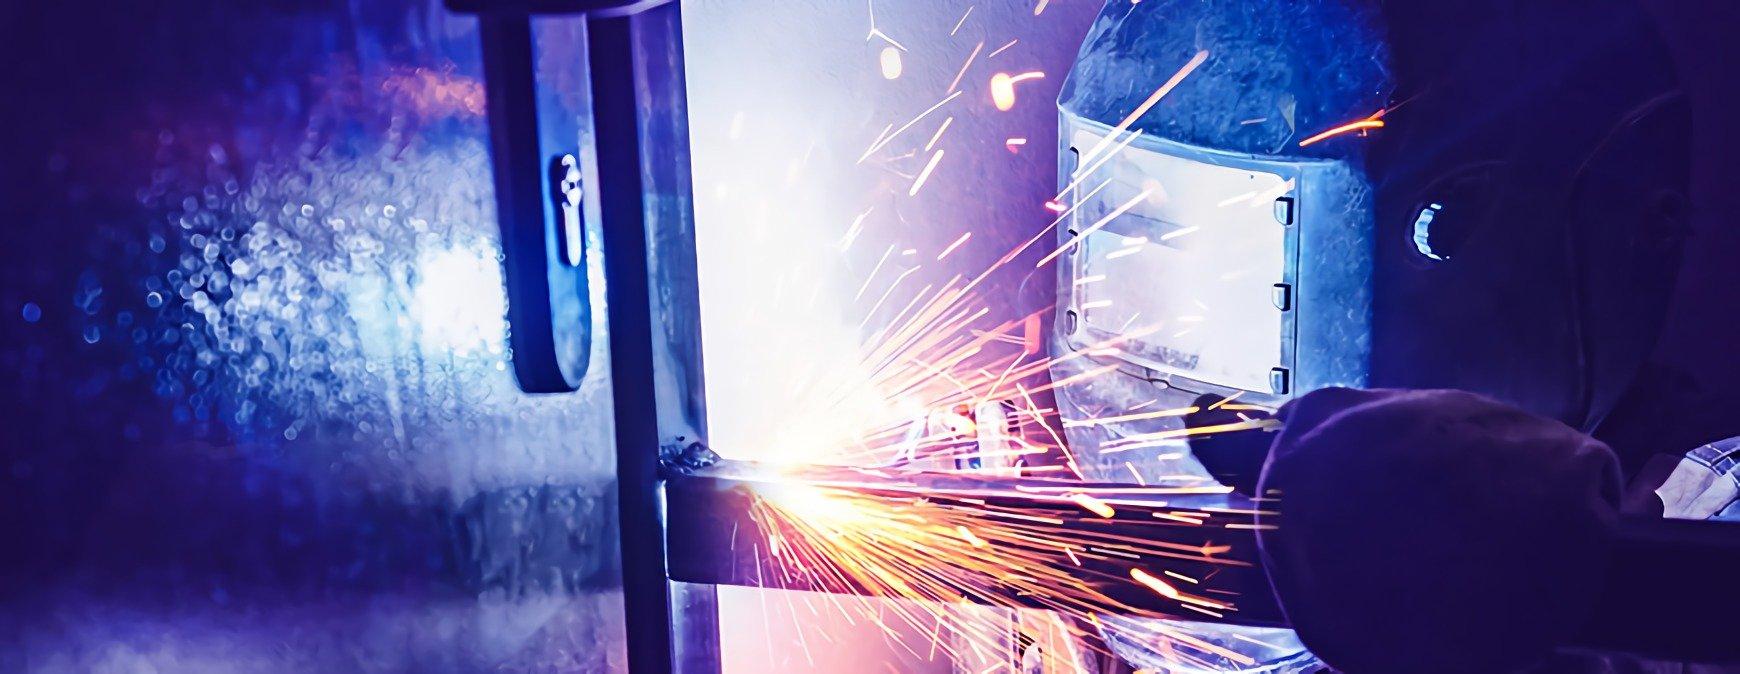 welder using pulsed welding